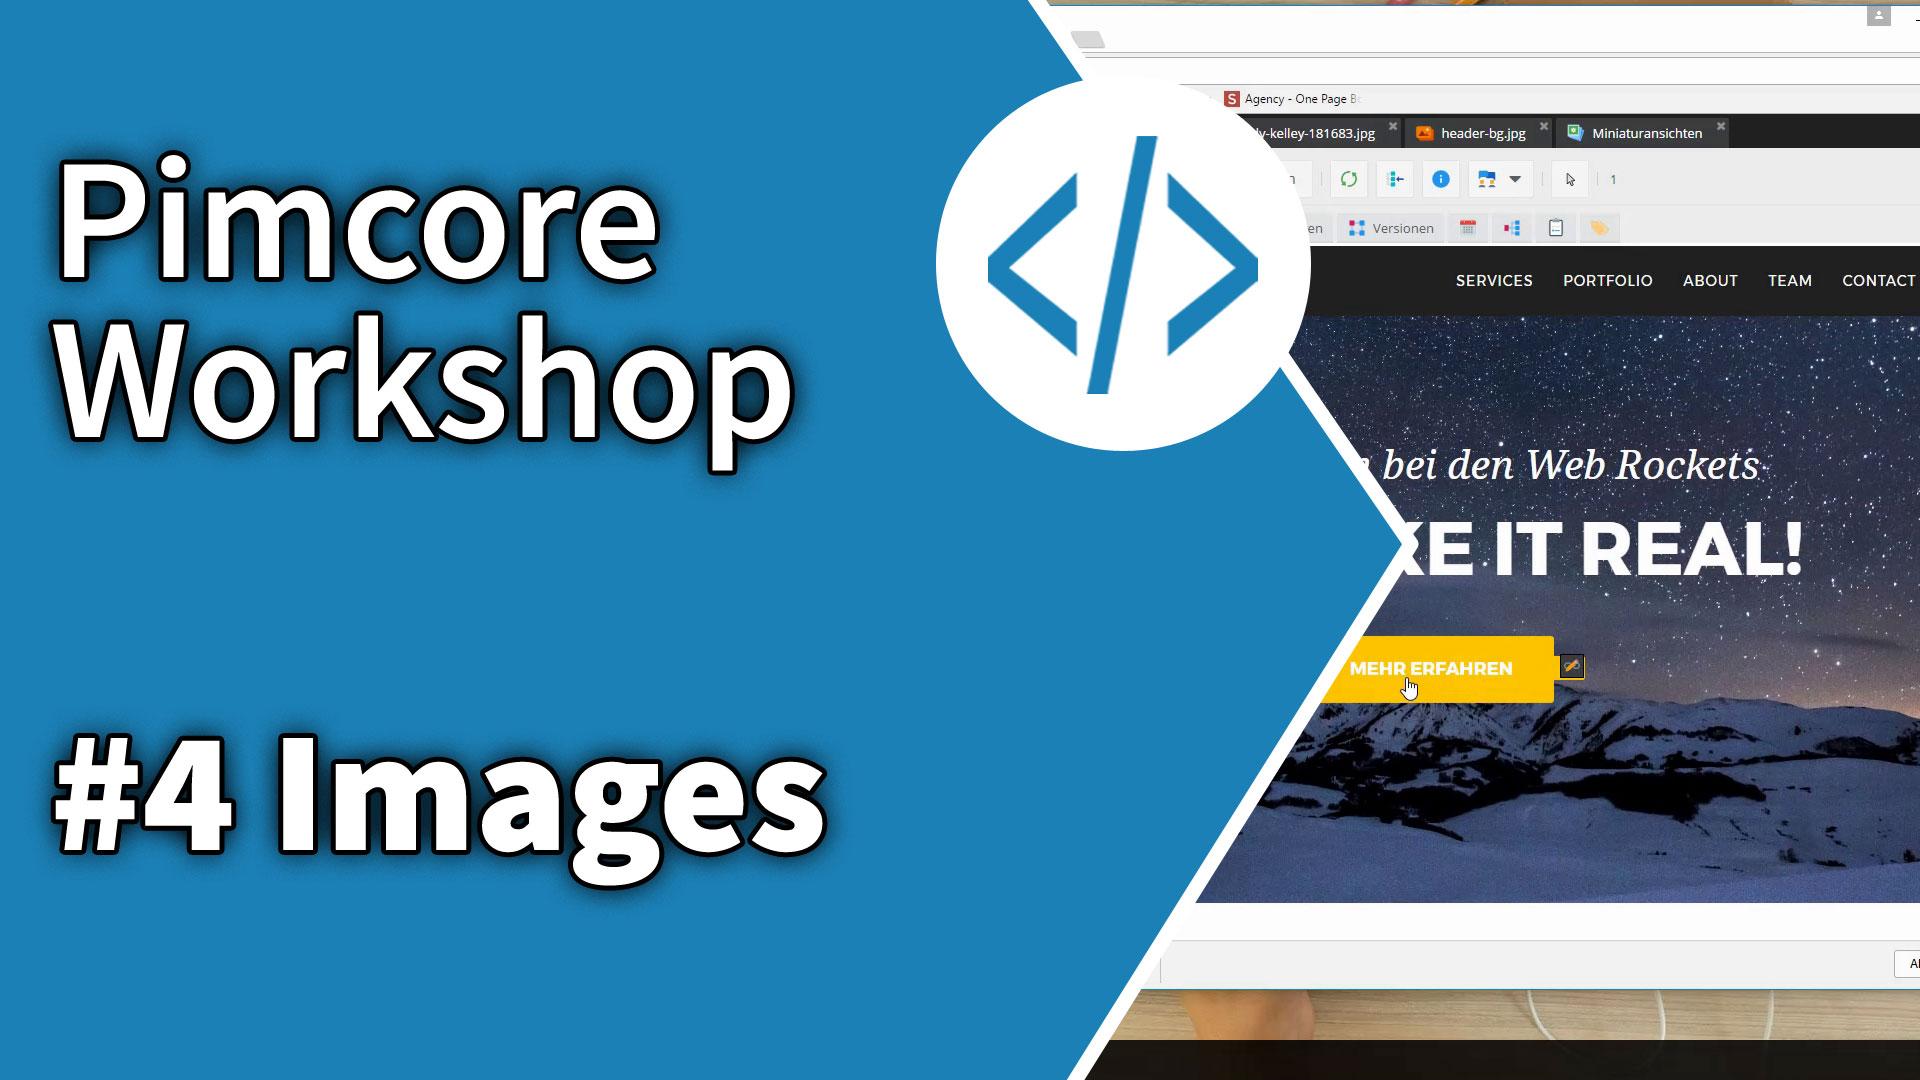 Pimcore Workshop #4: Images